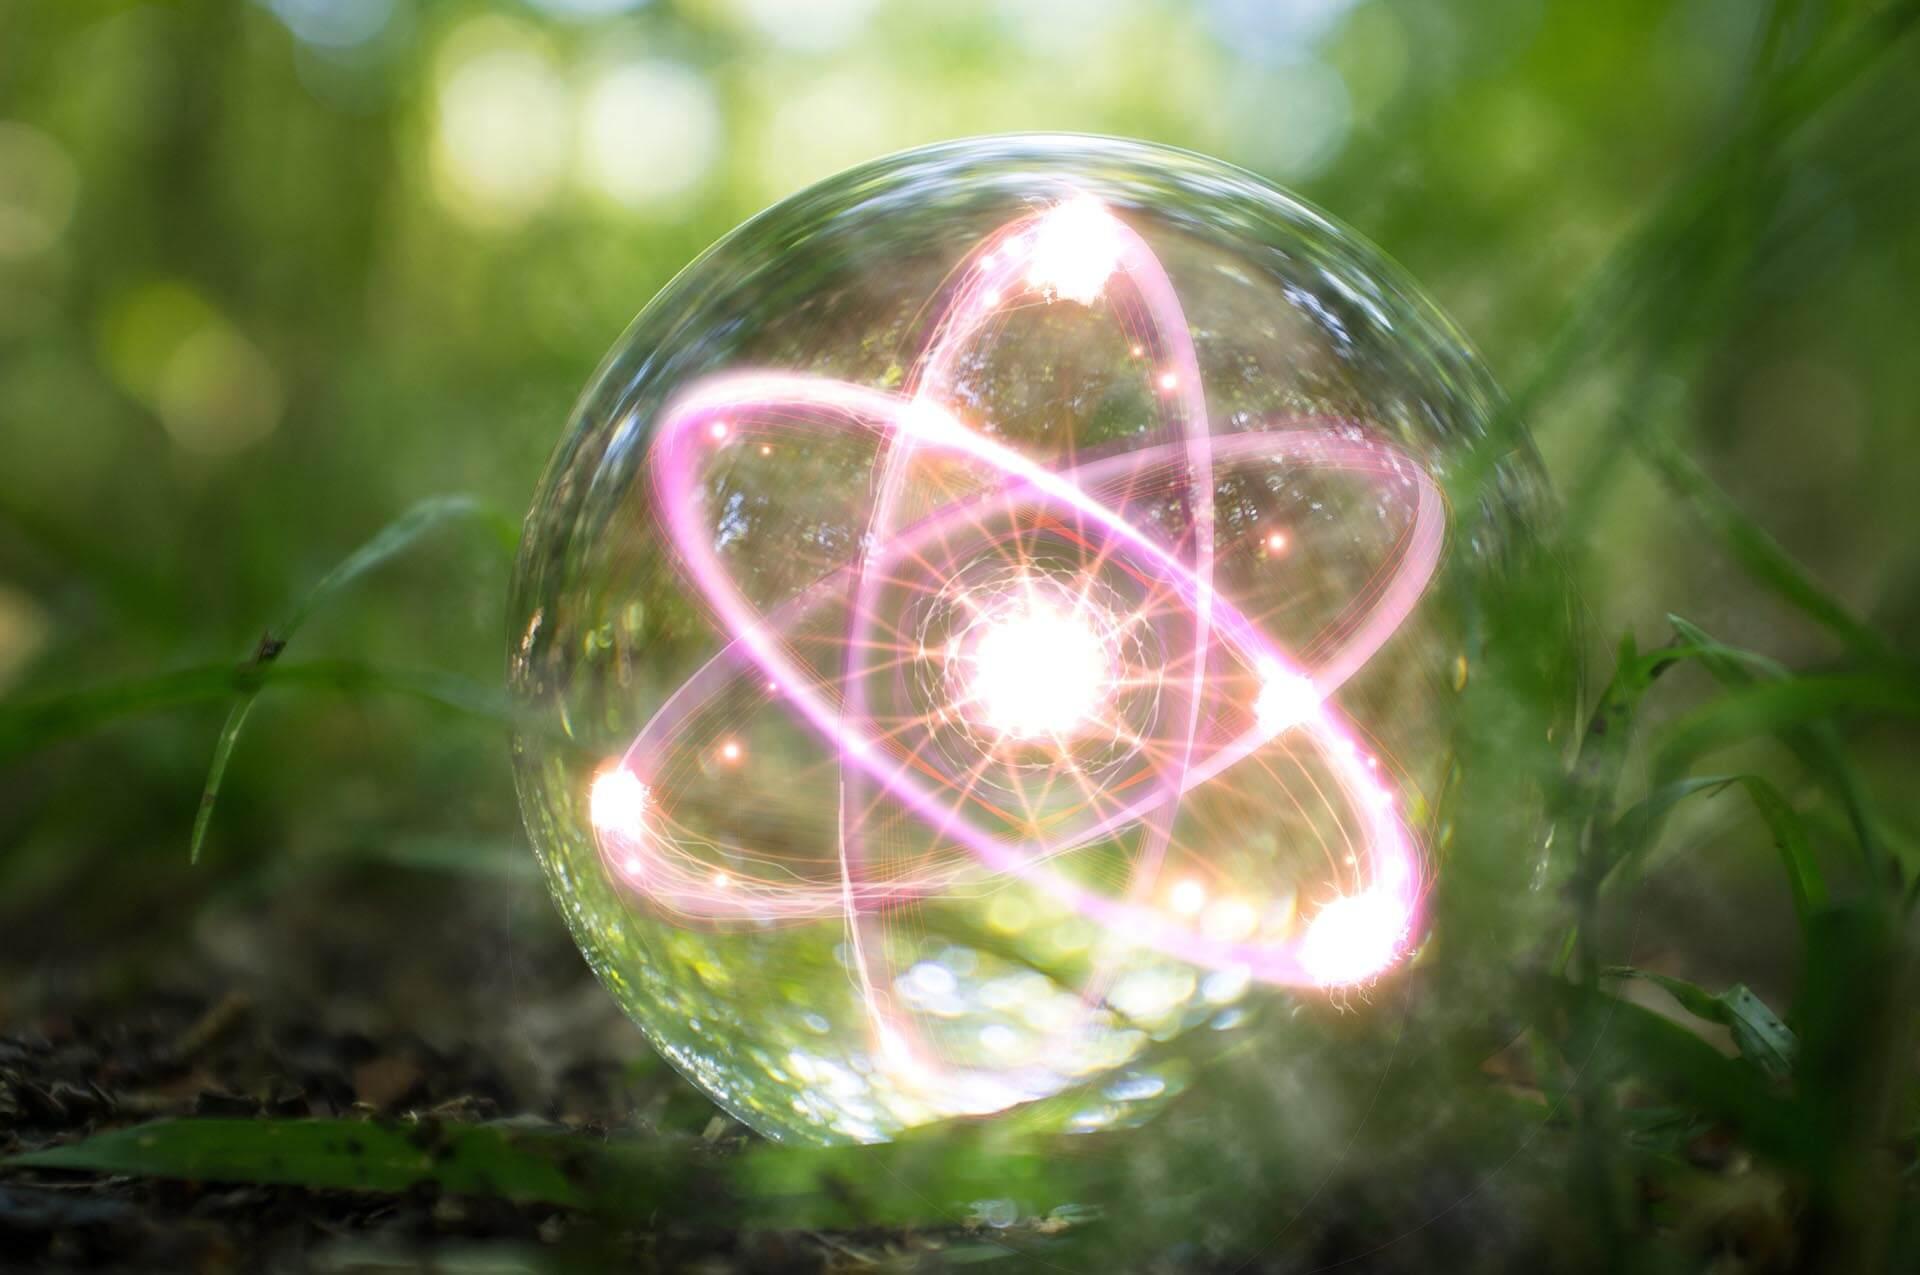 Next-gen nuclear